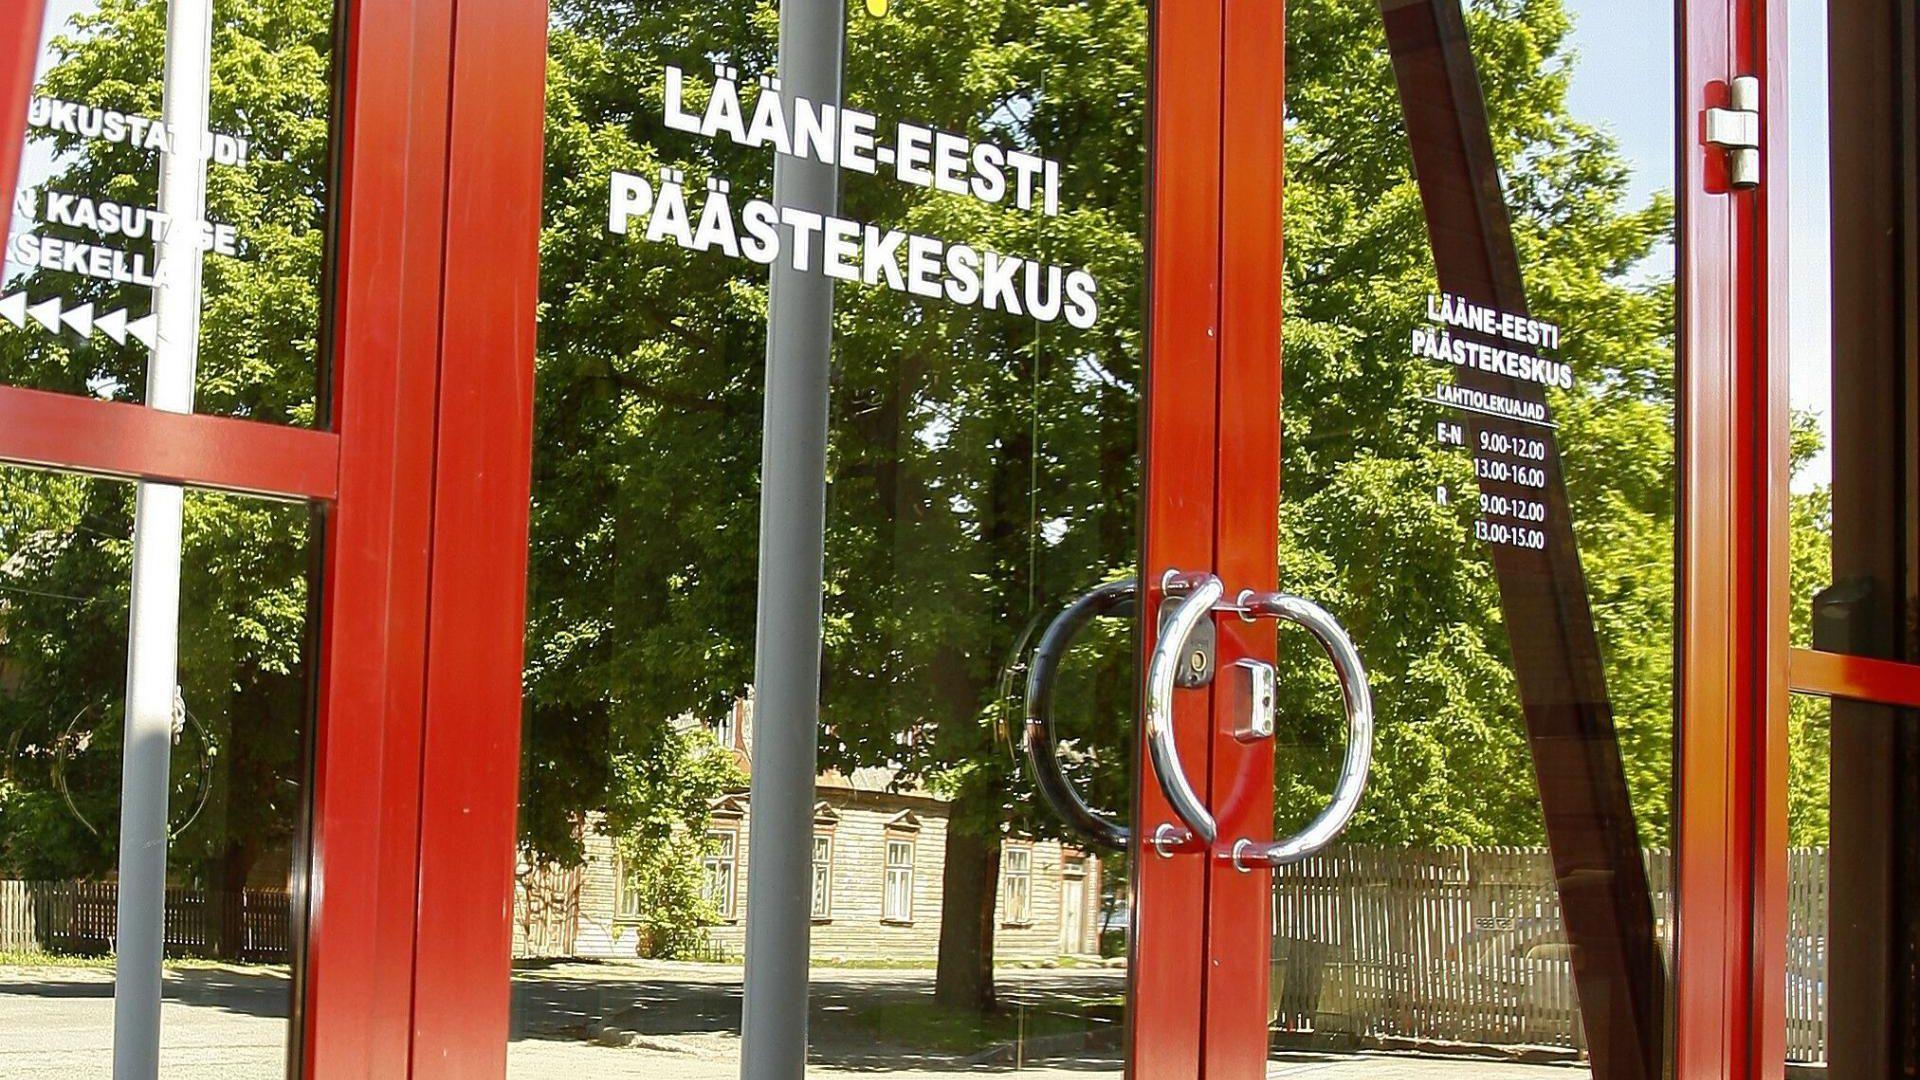 Lääne päästekeskuse Pärnu kontori töötaja nakatus koroonaviirusesse: